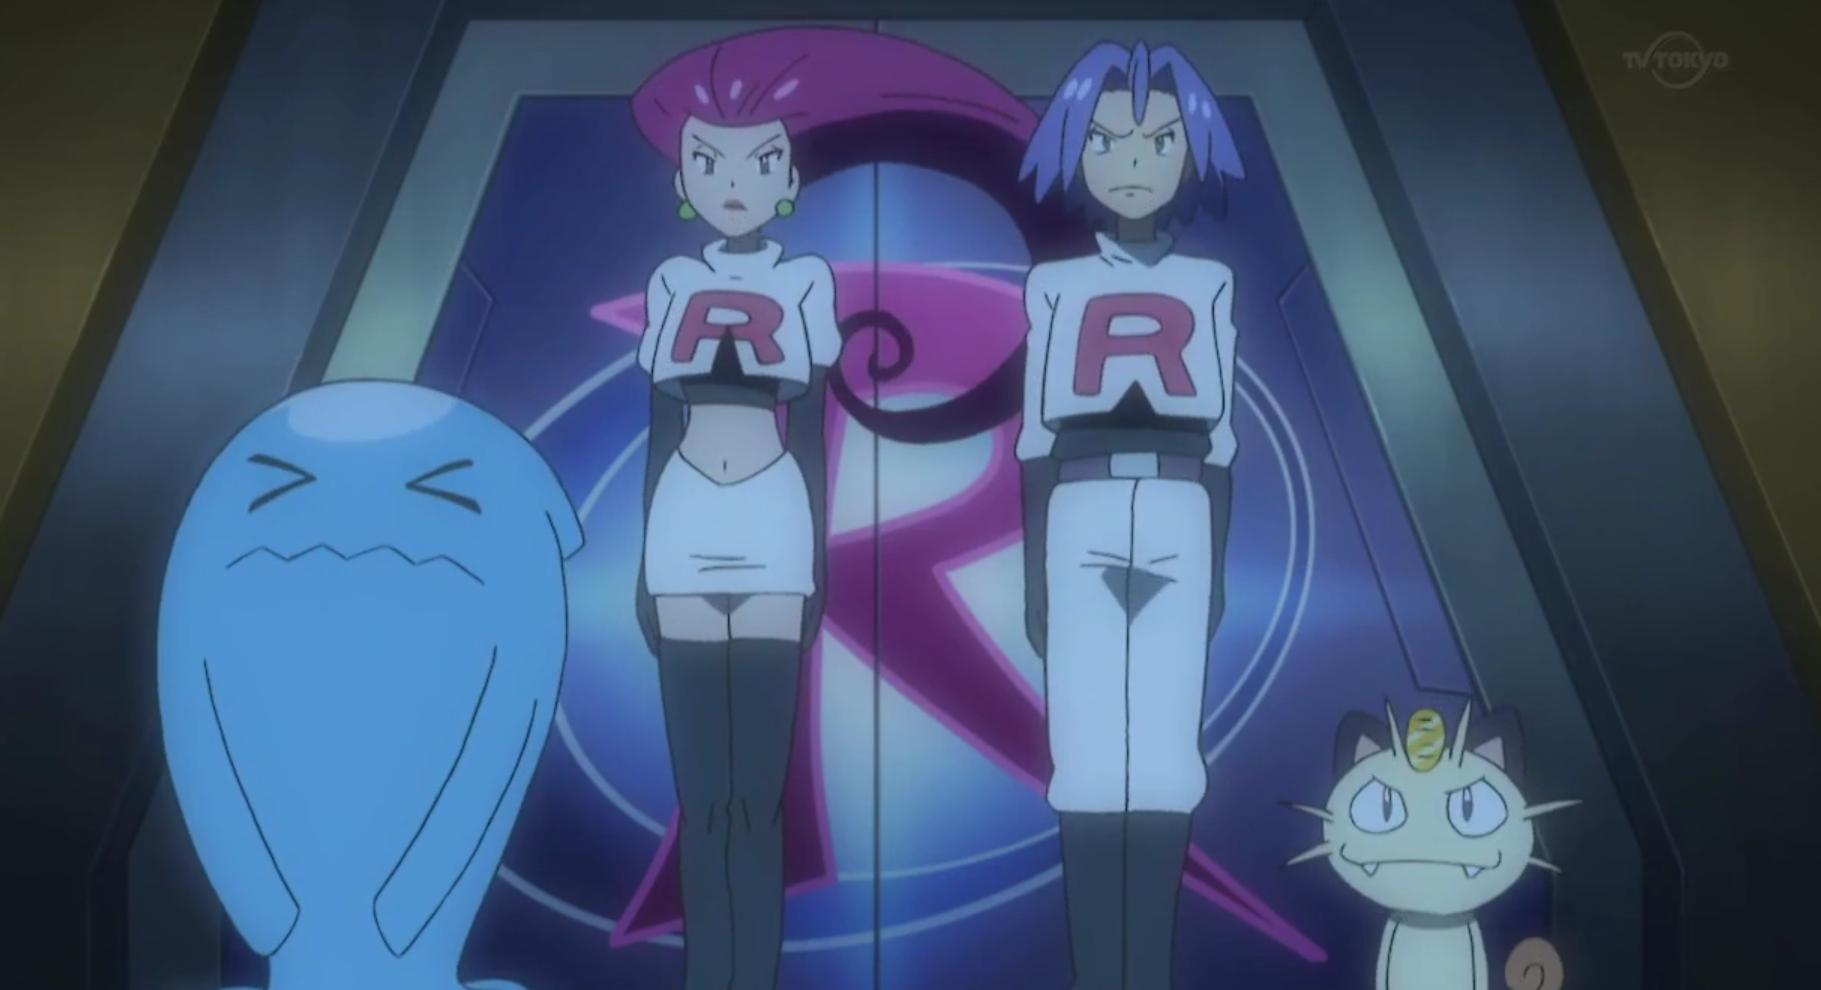 Saijaku no bahamut anime